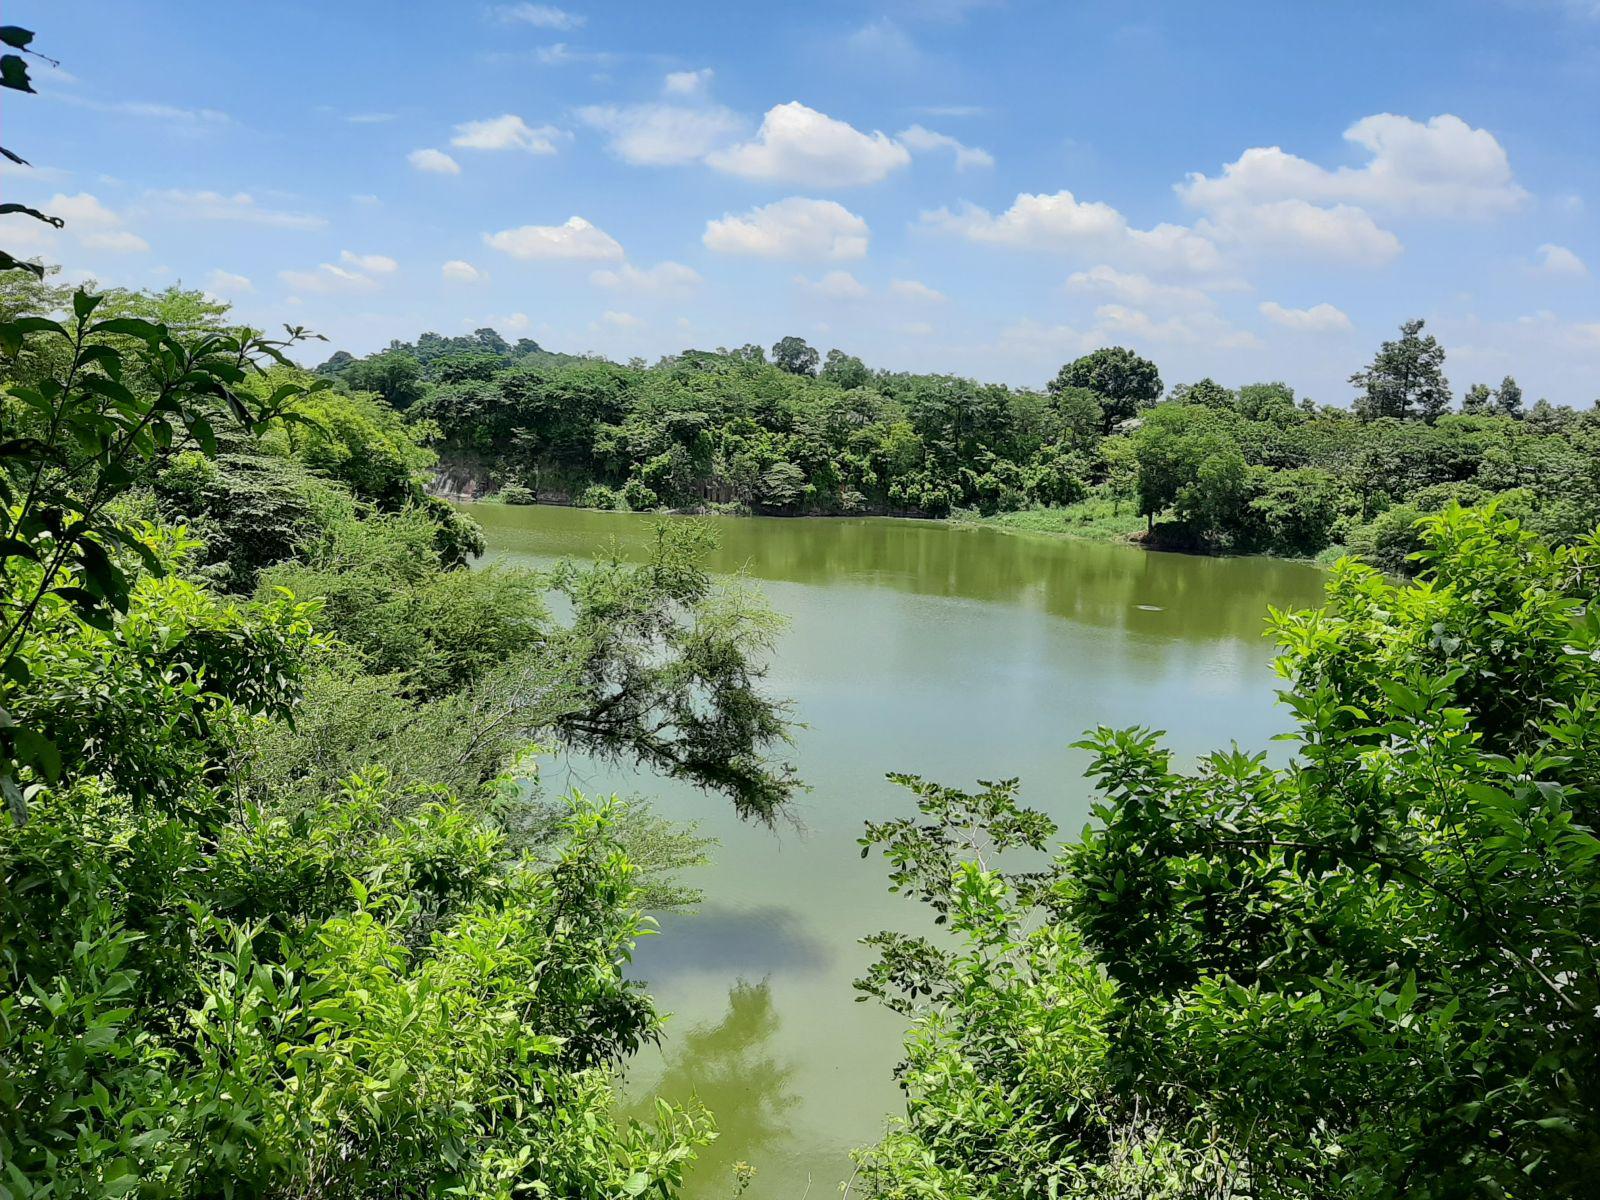 Khu du lịch Bửu Long nằm trong quần thể khu danh thắng Bửu Long đã được công nhận là Di tích lịch sử văn hóa cấp quốc gia.